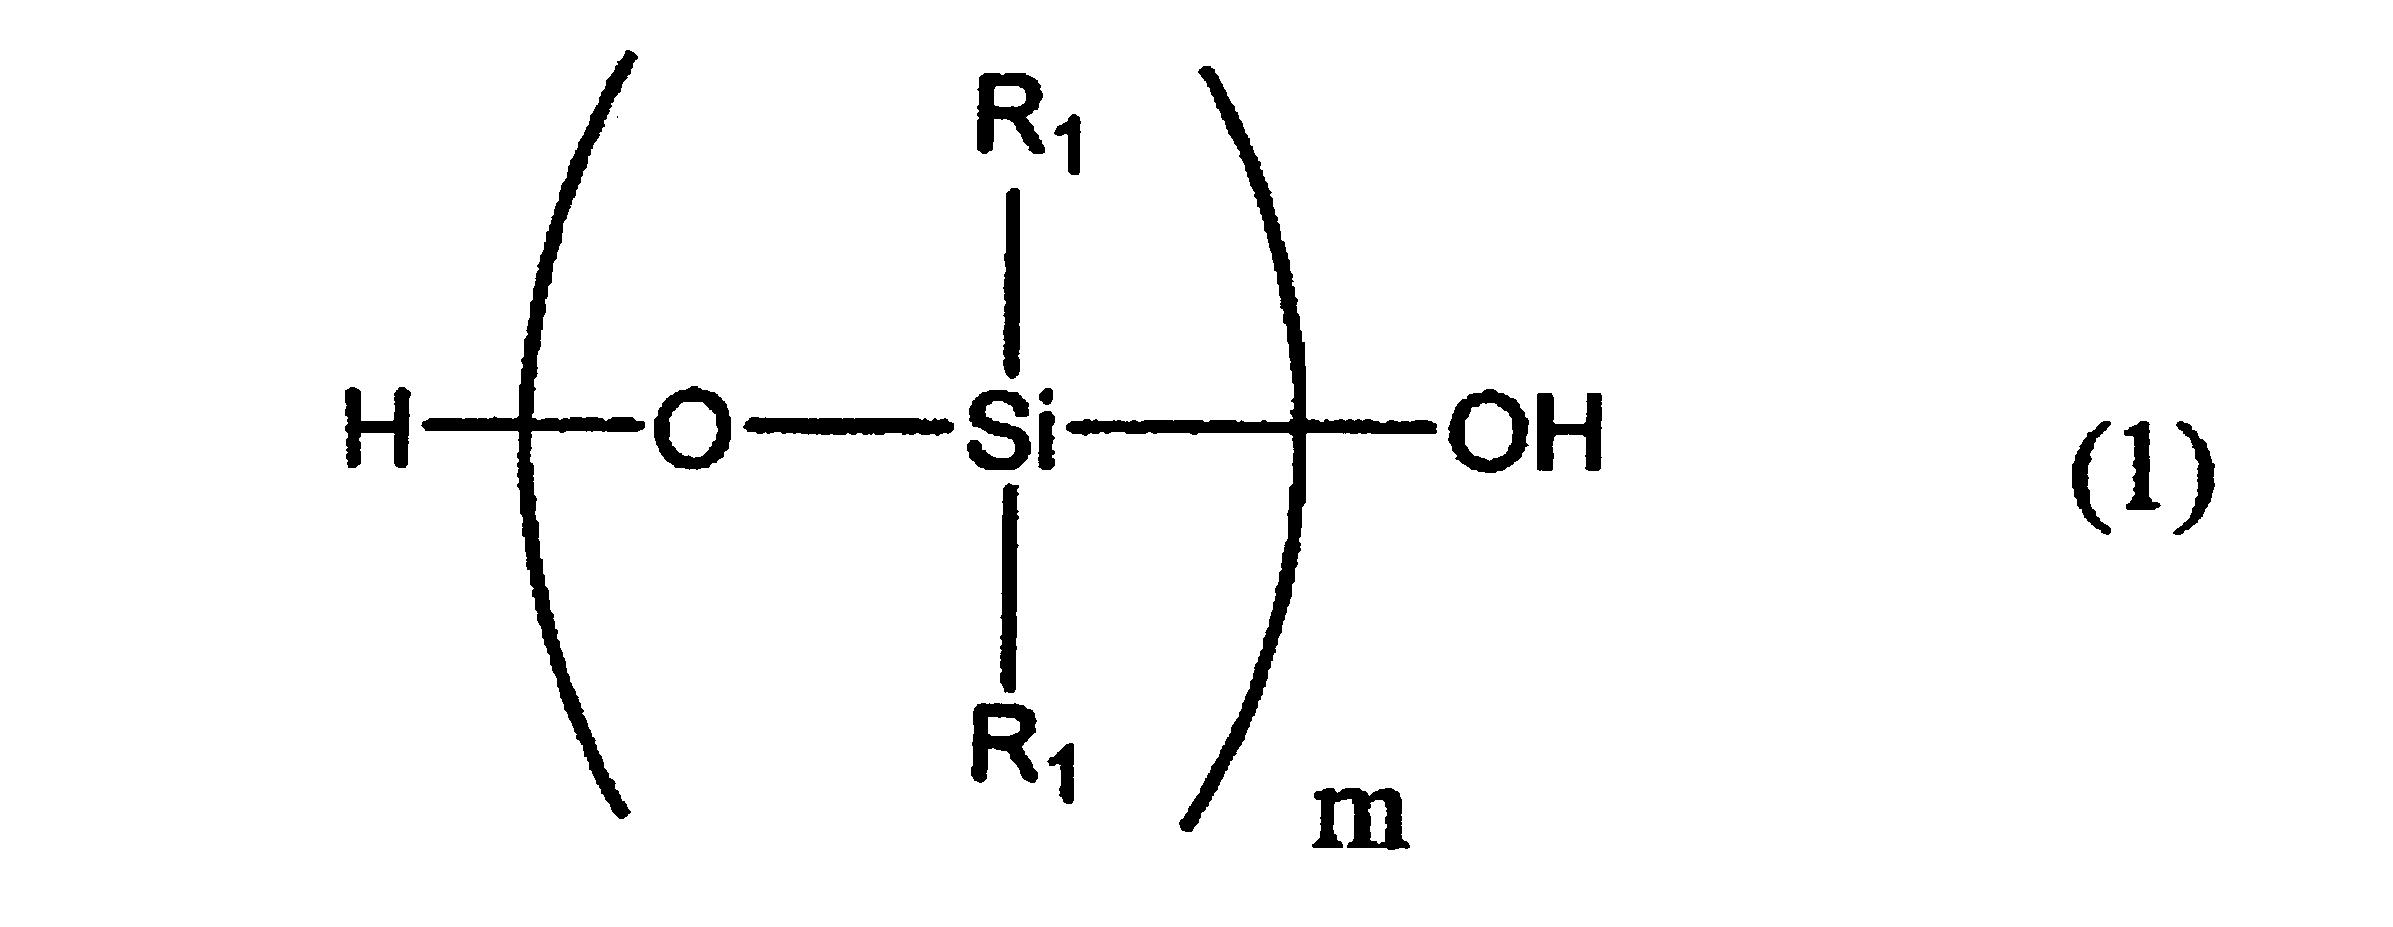 WO2013047620A1 - 光半導体素子封止用硬化性樹脂組成物およびその硬化物         - Google PatentsFamily